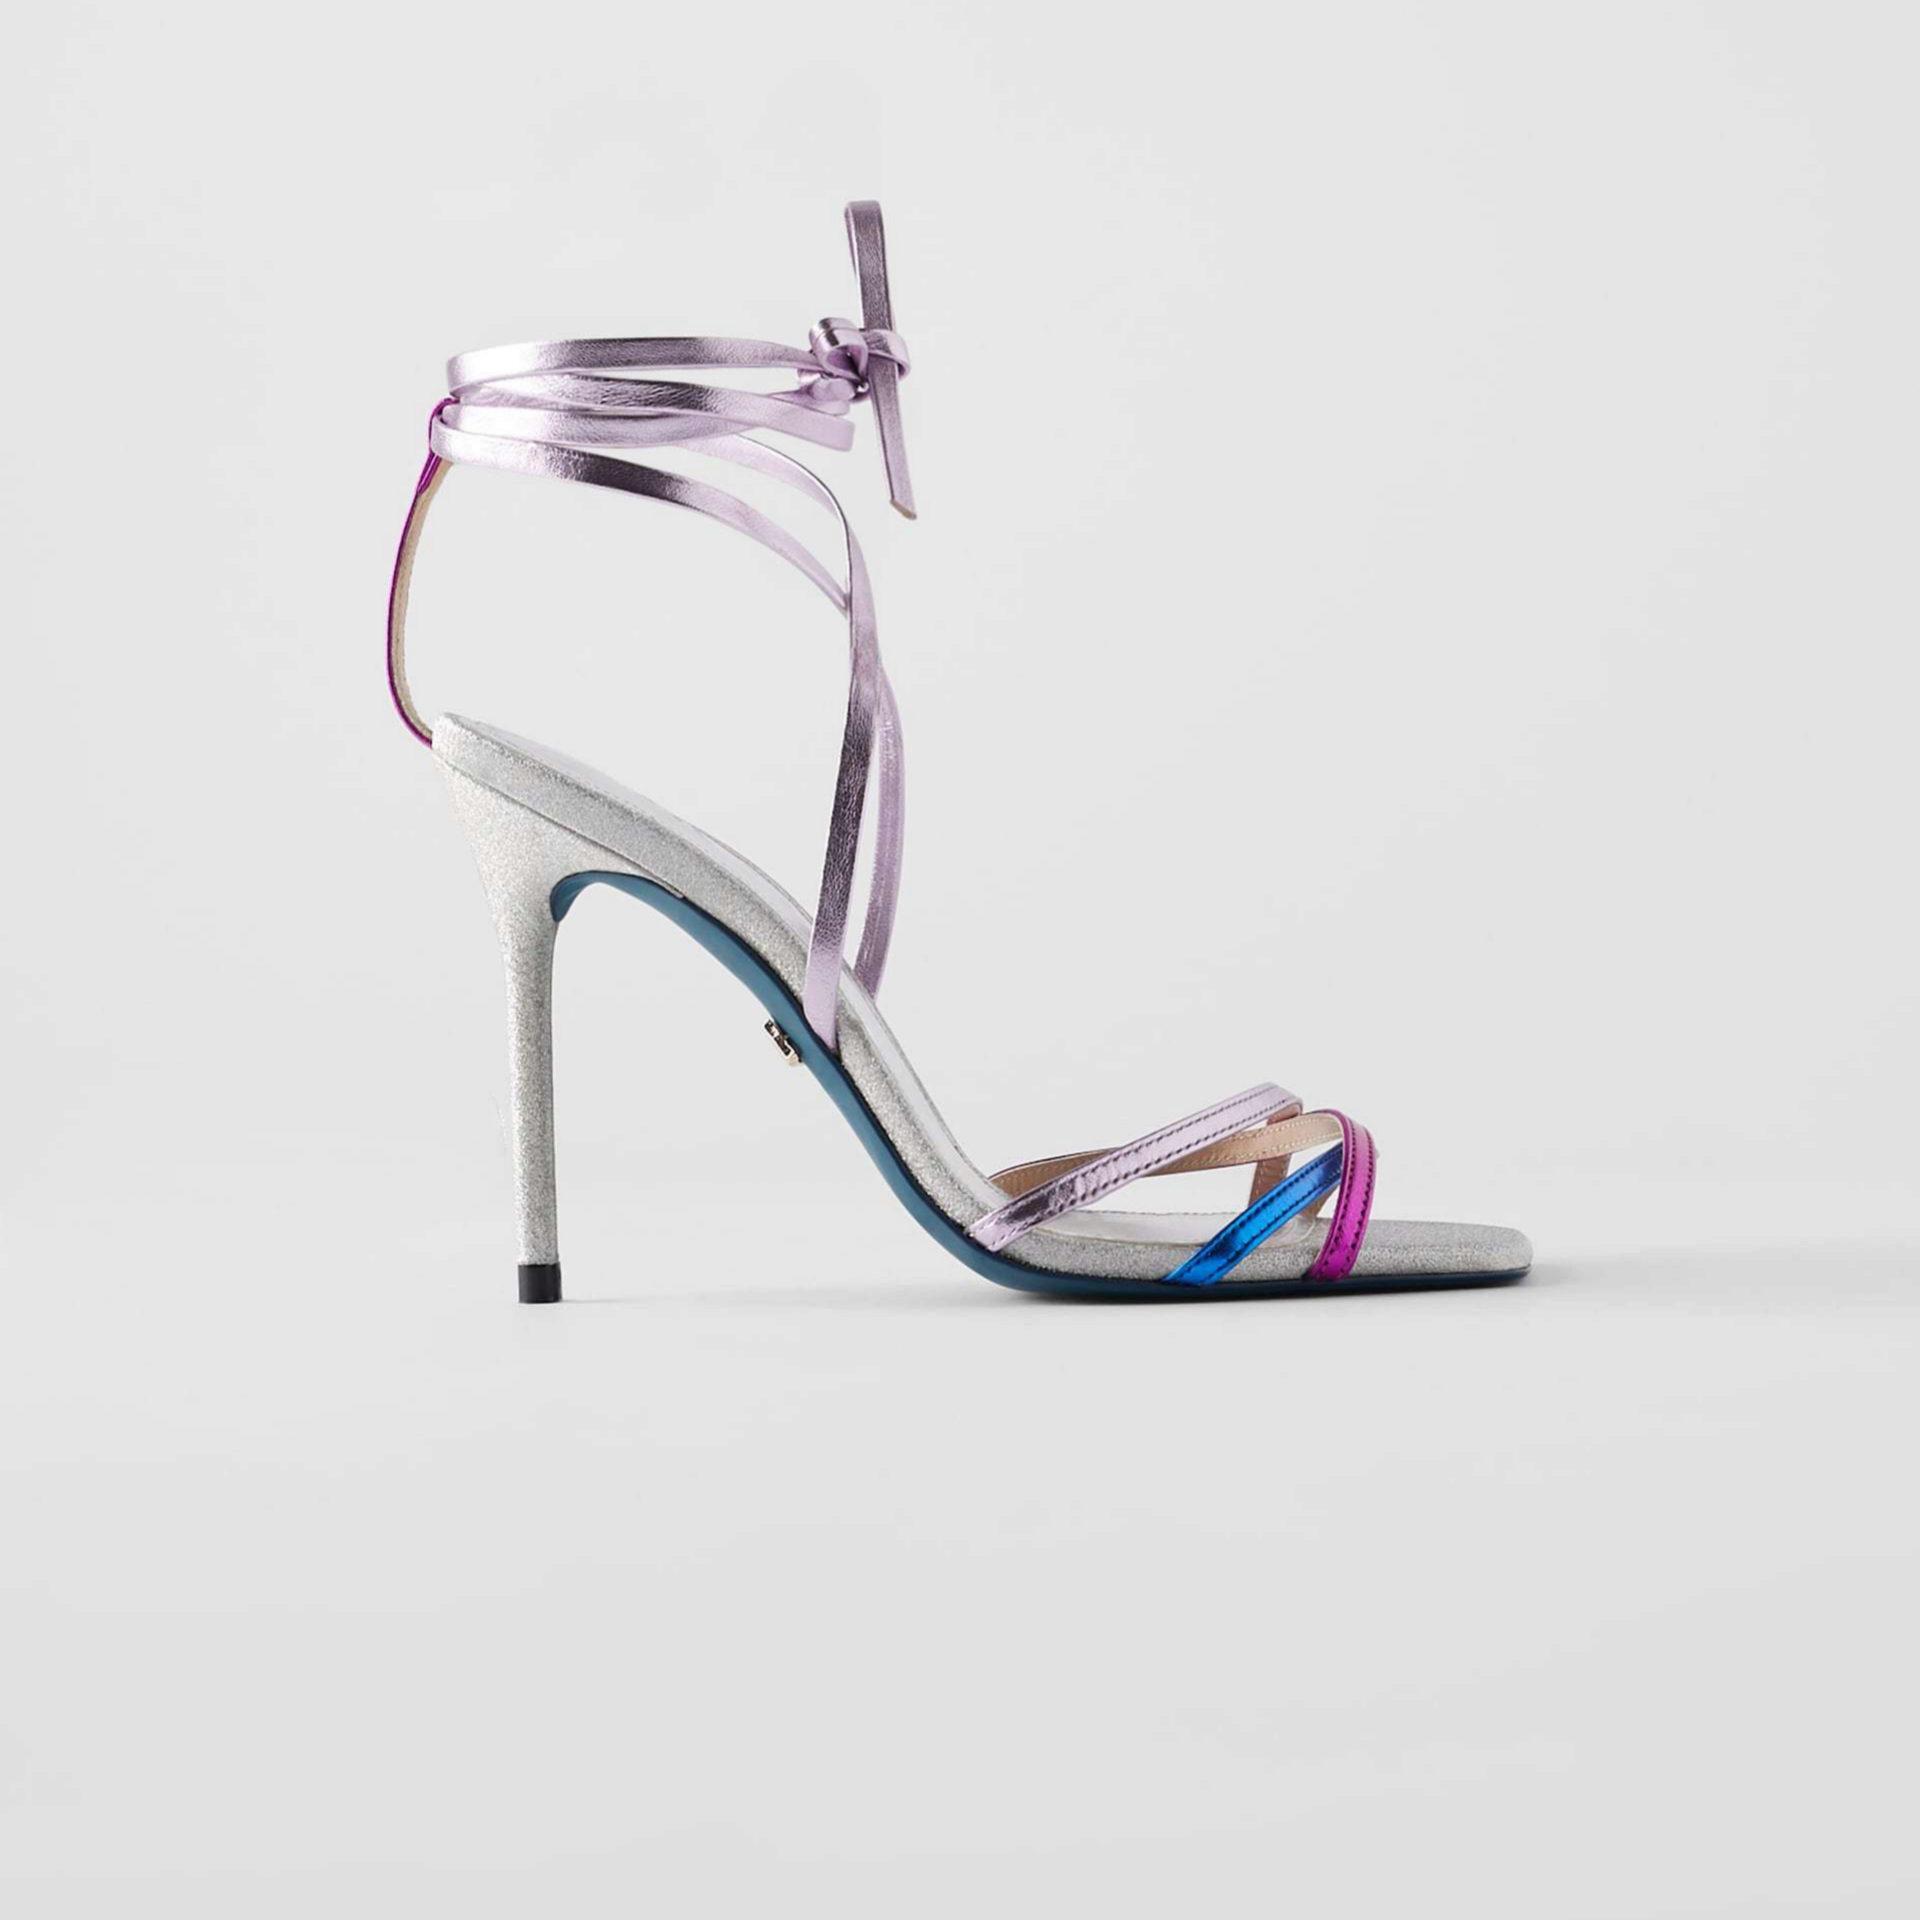 Sandalias en plata y detalles en color de Edición Limitada de Zara (69,95¤)